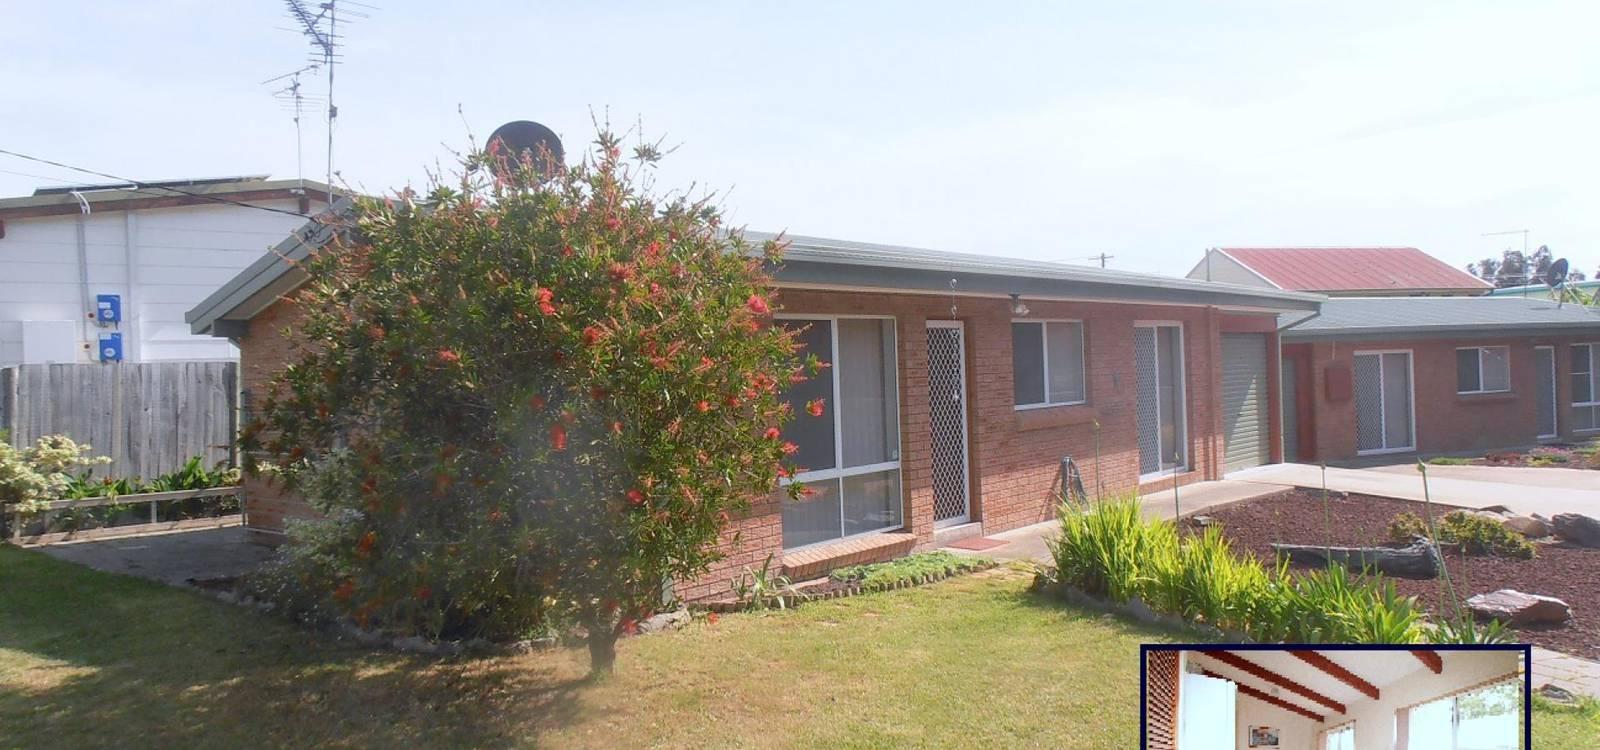 6a Meakin Street TUROSS HEAD, NSW 2537 - photo 1